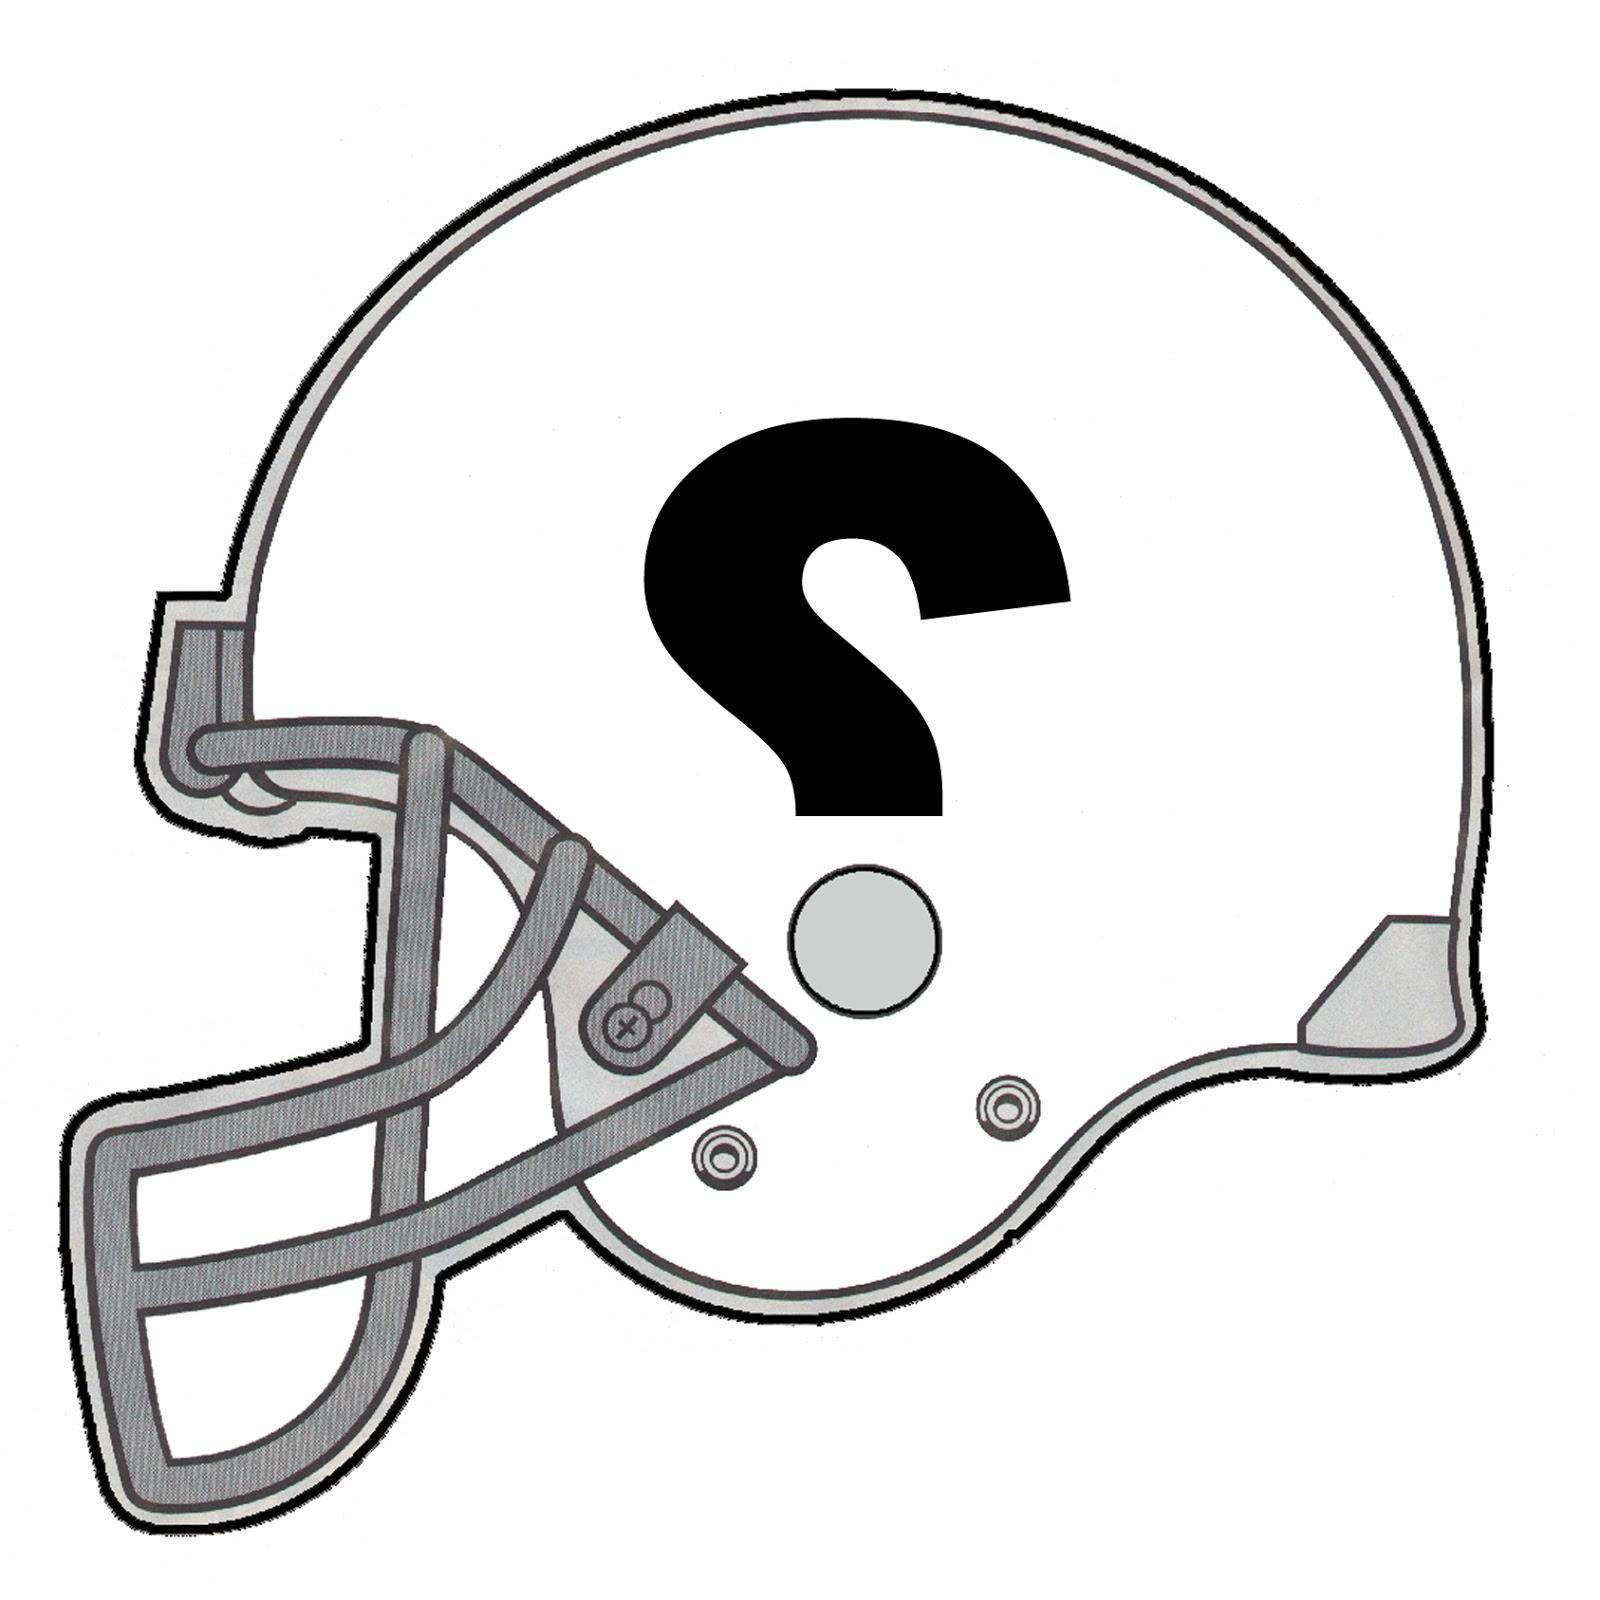 1600x1600 Best Football Helmet Outline Vector Cdr Free Vector Art, Images